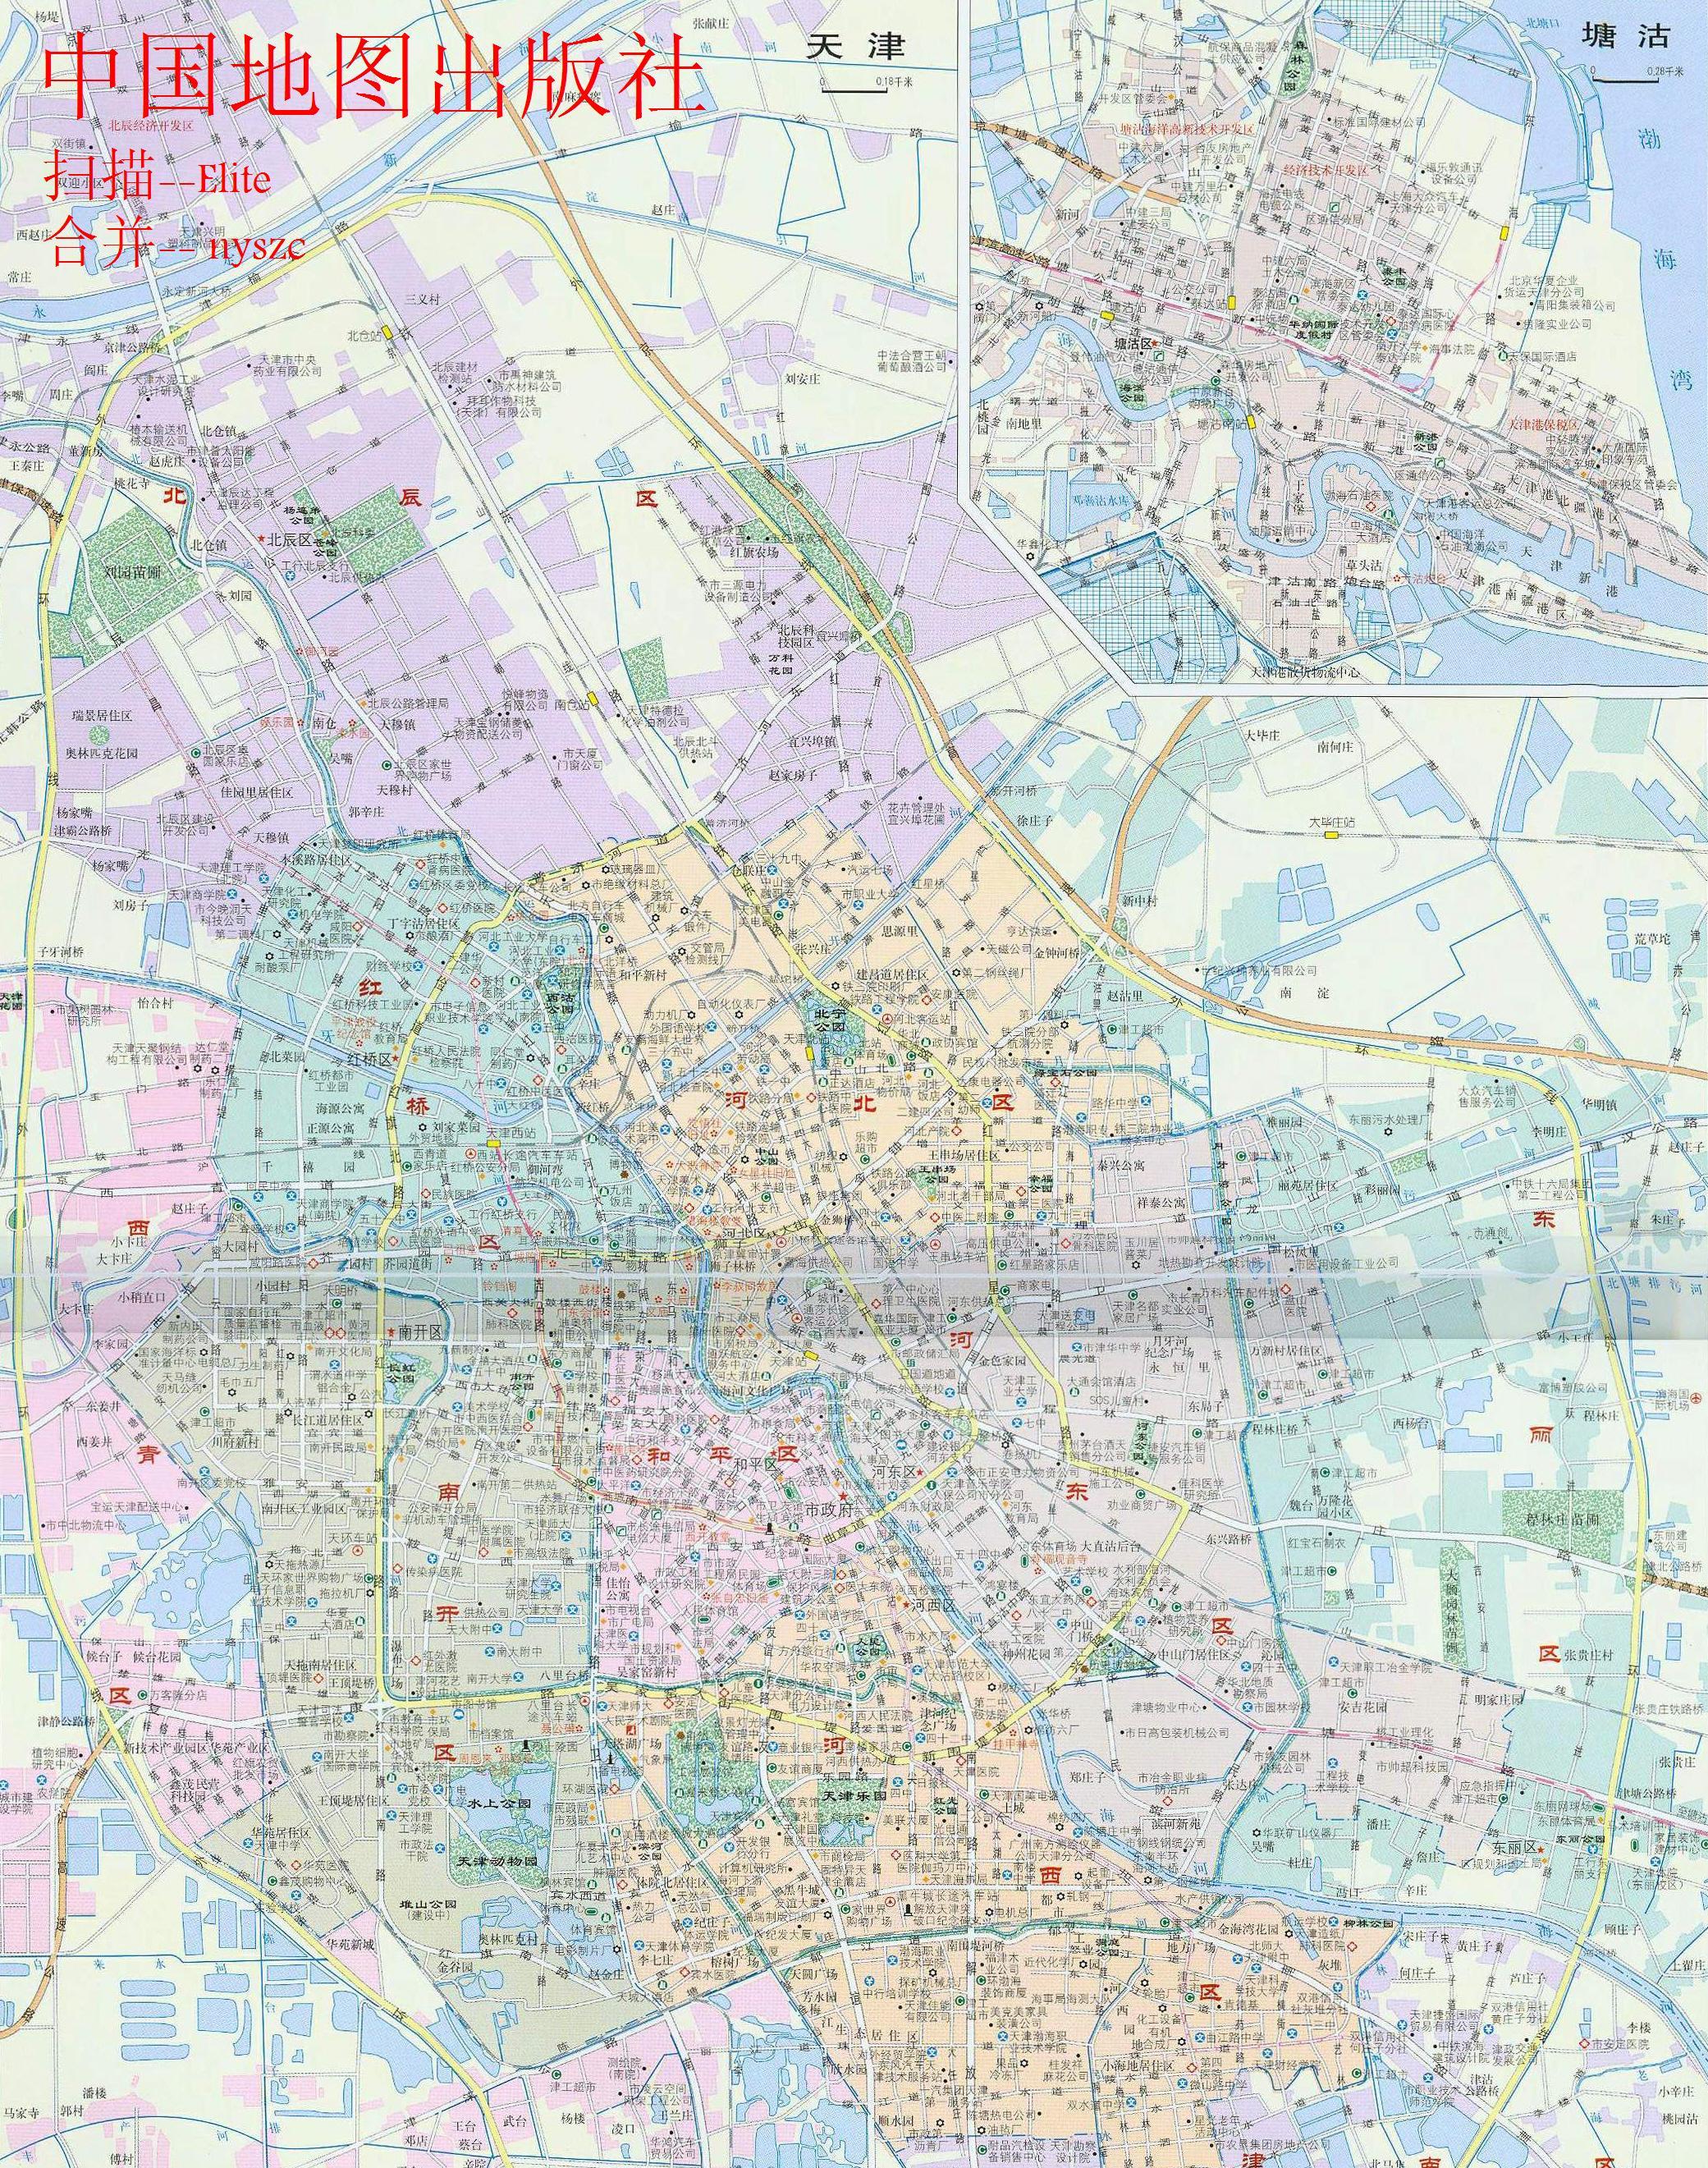 需要一张完整天津市区地图